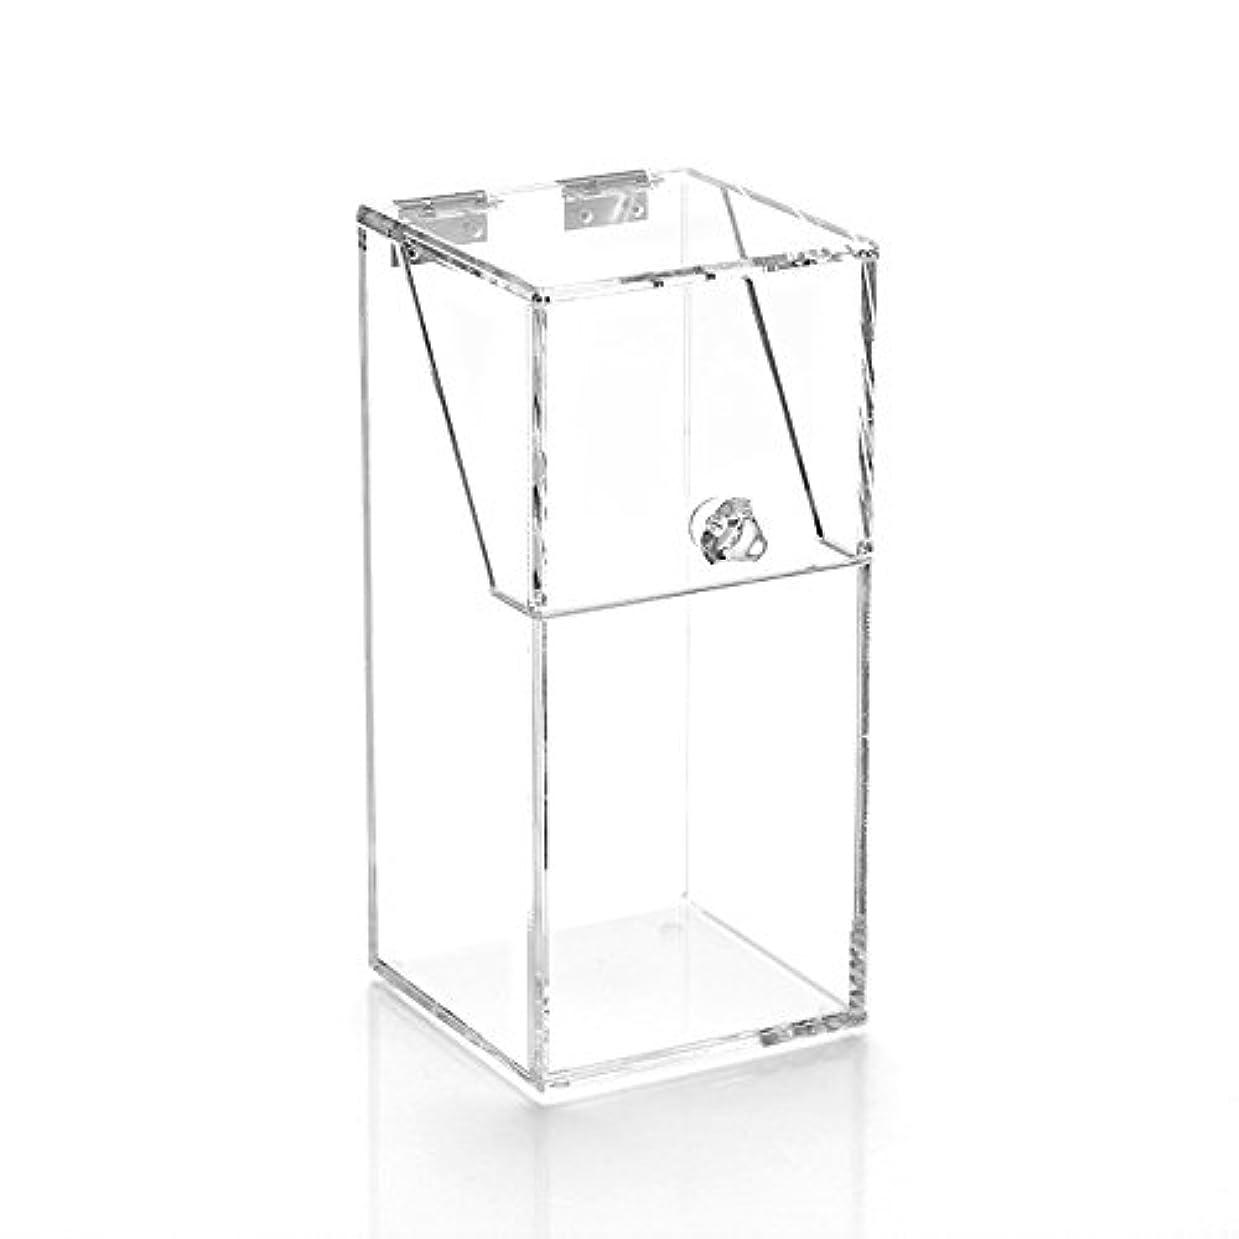 割り当て袋文法Youth Union ブラシ収納ボックス、大容量のストレージボックス透明なアクリル (10*10*21.5CM)